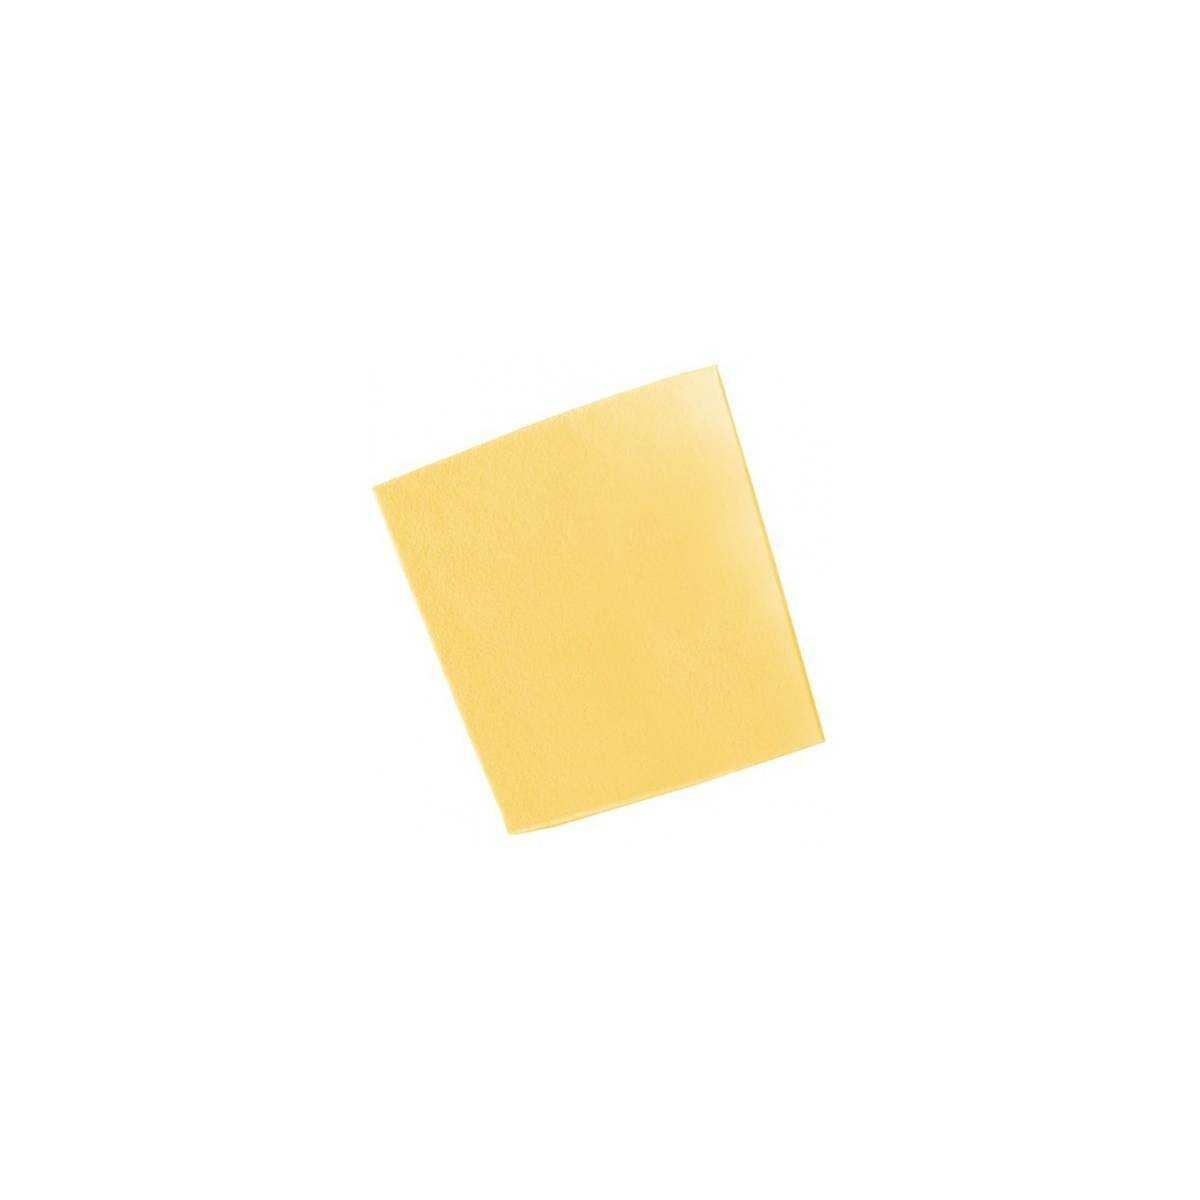 Салфетки универсальные Free-T 10шт. (Желтые) TCH601030 TTS